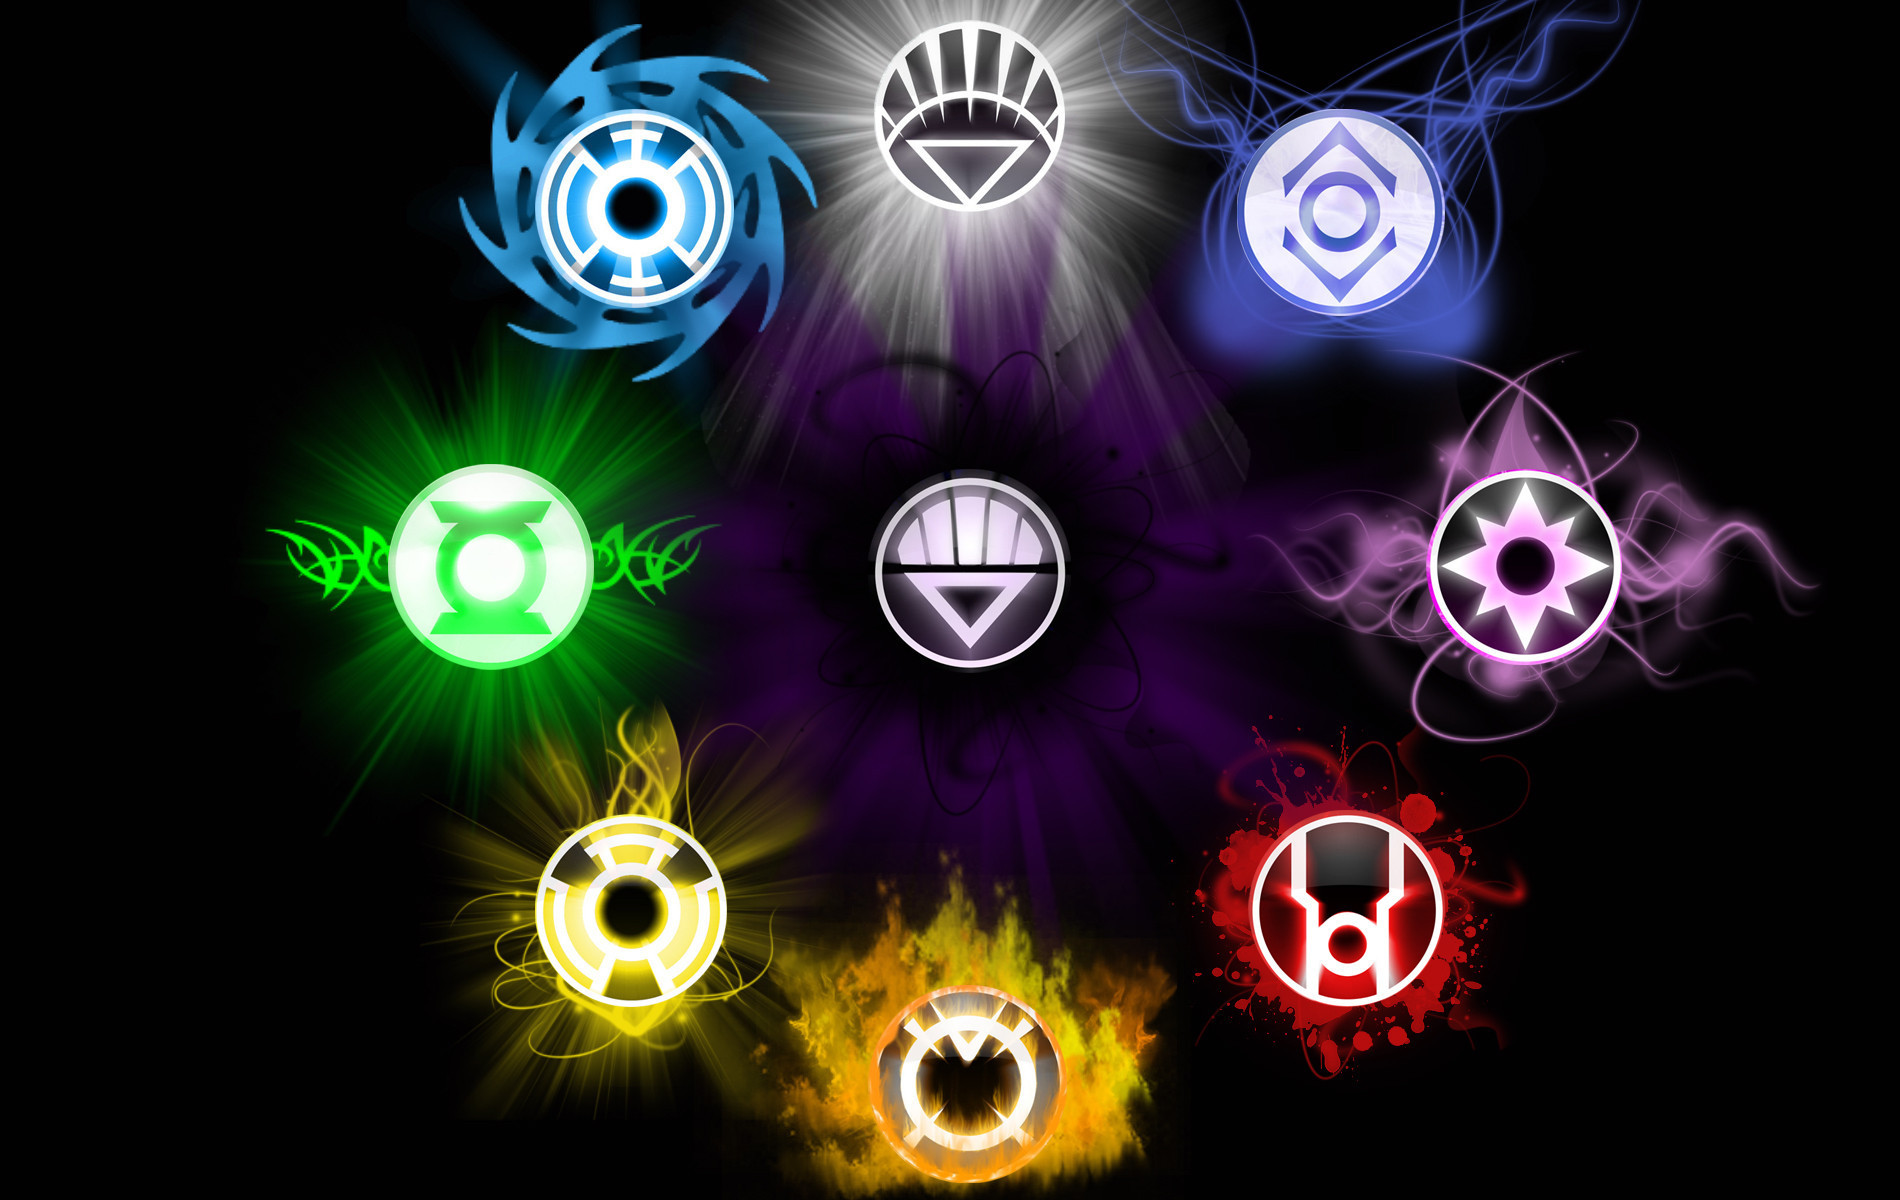 Lantern Corps Violet Lantern Indigo Tribe Red Lantern Yellow Lantern 1900x1200